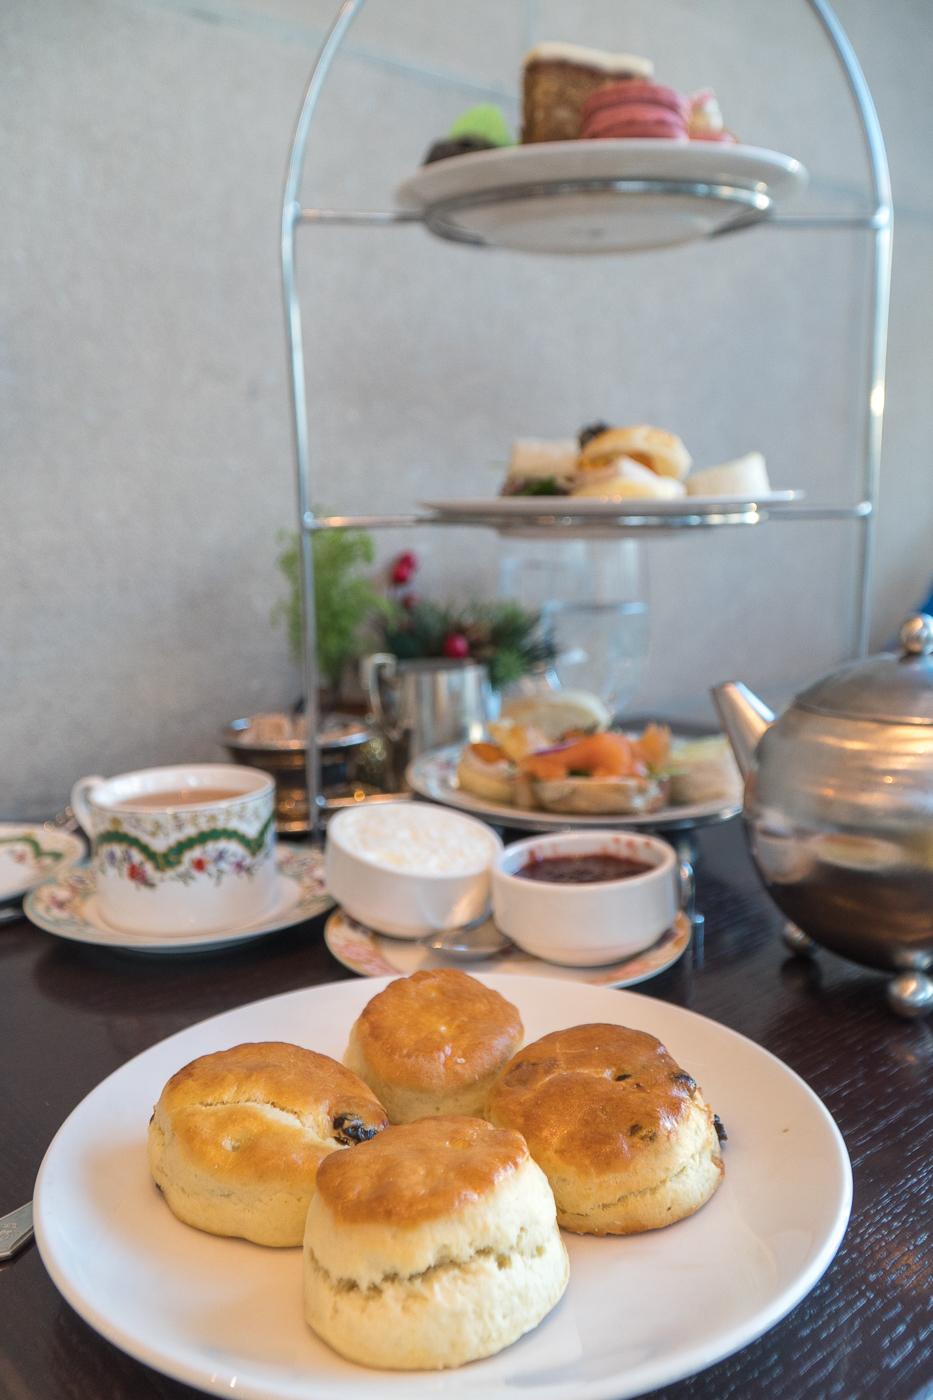 plateau de bouchées, scones et desserts - Afternoon Tea au Zoe's